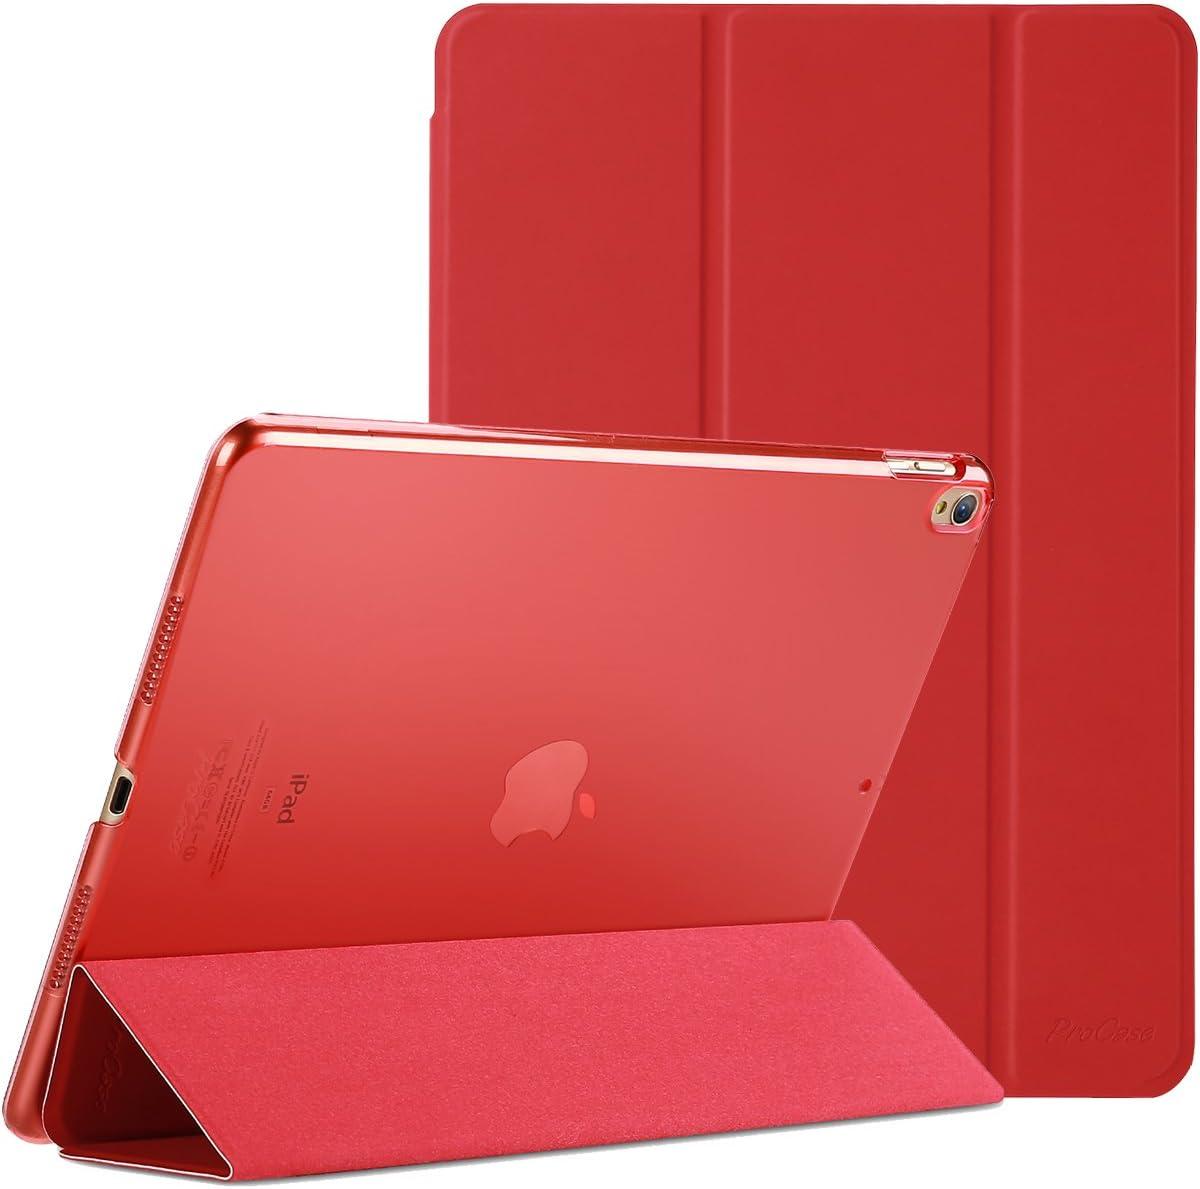 Funda ProCase para iPad Air 10.5 2019 / iPad Pro 10.5 2017